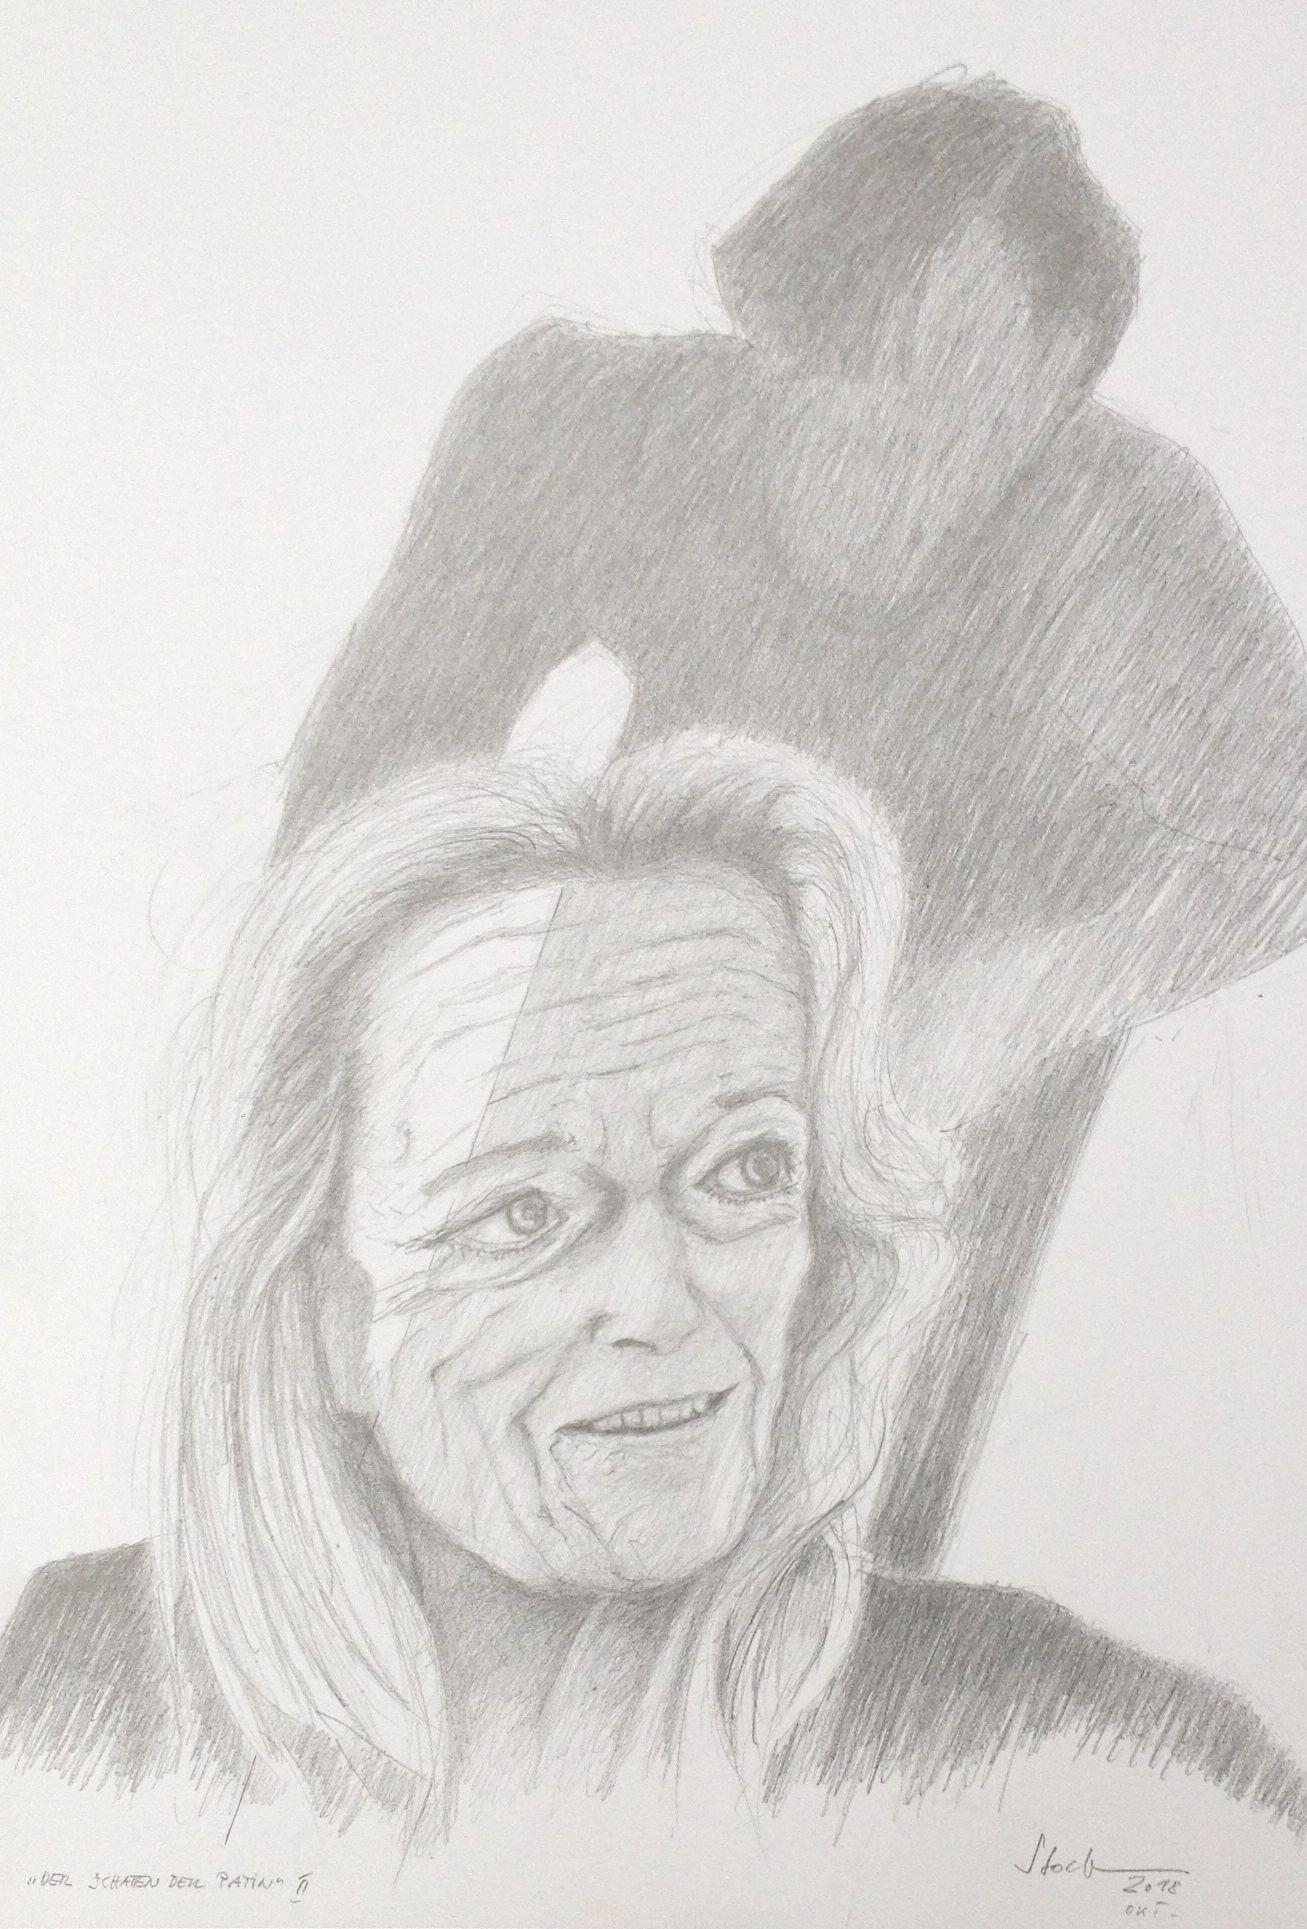 """""""Dem Schatten der Patin II, 2018, Zeichnung (#983)"""